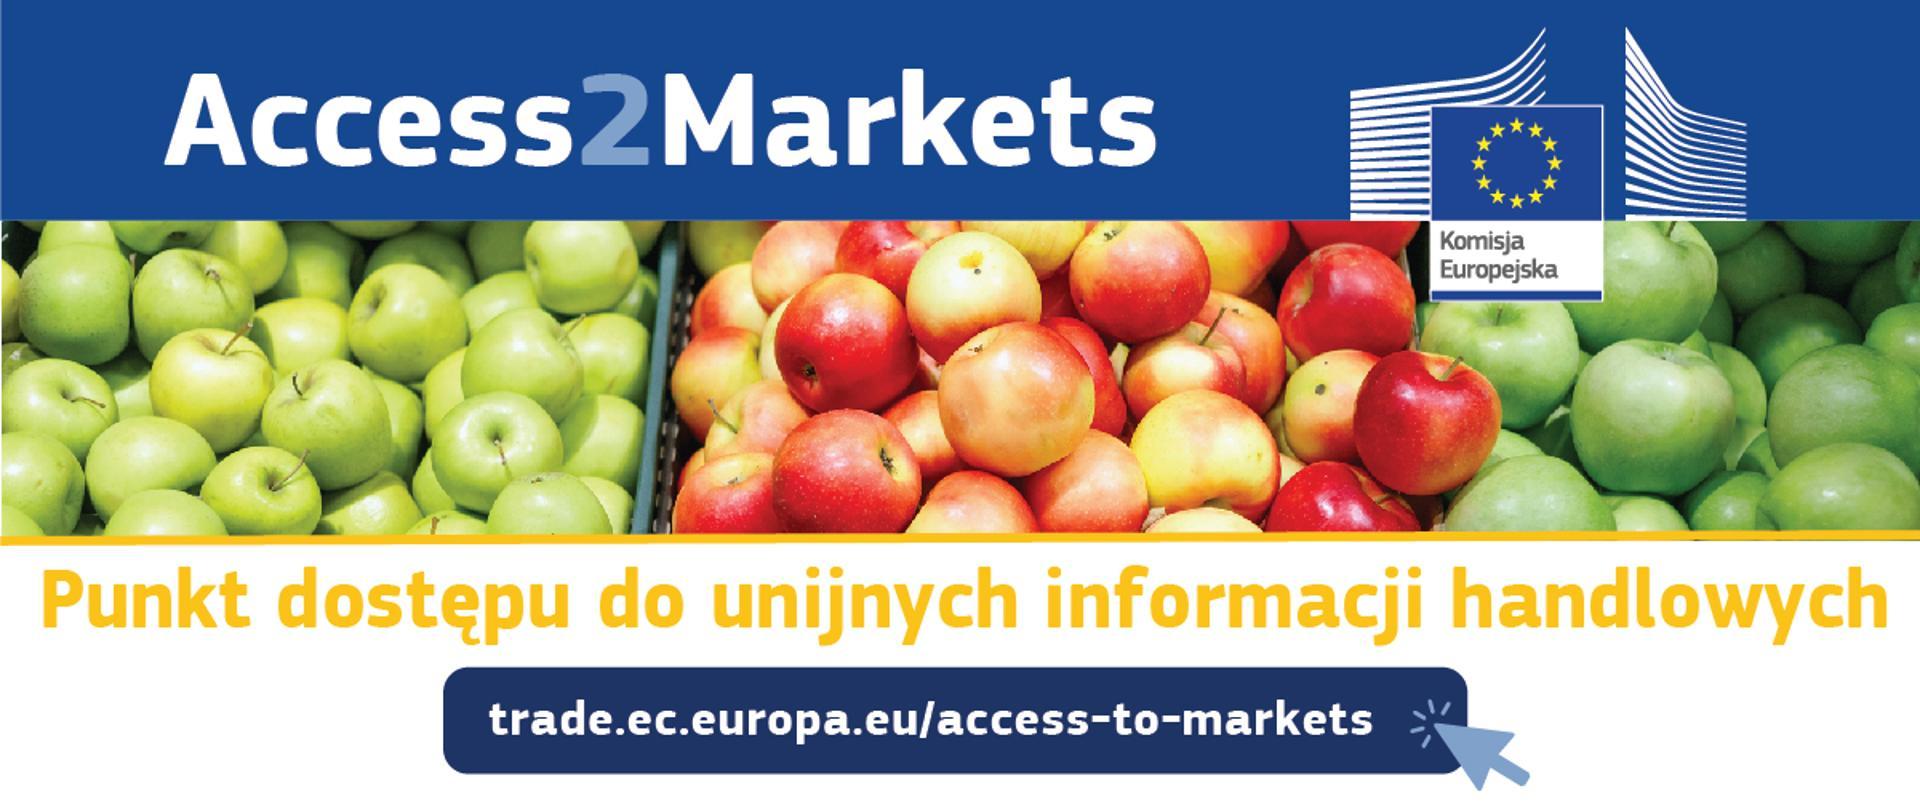 Komisja Europejska uruchamia portal Access2Markets, aby wspierać firmy w handlu międzynarodowym